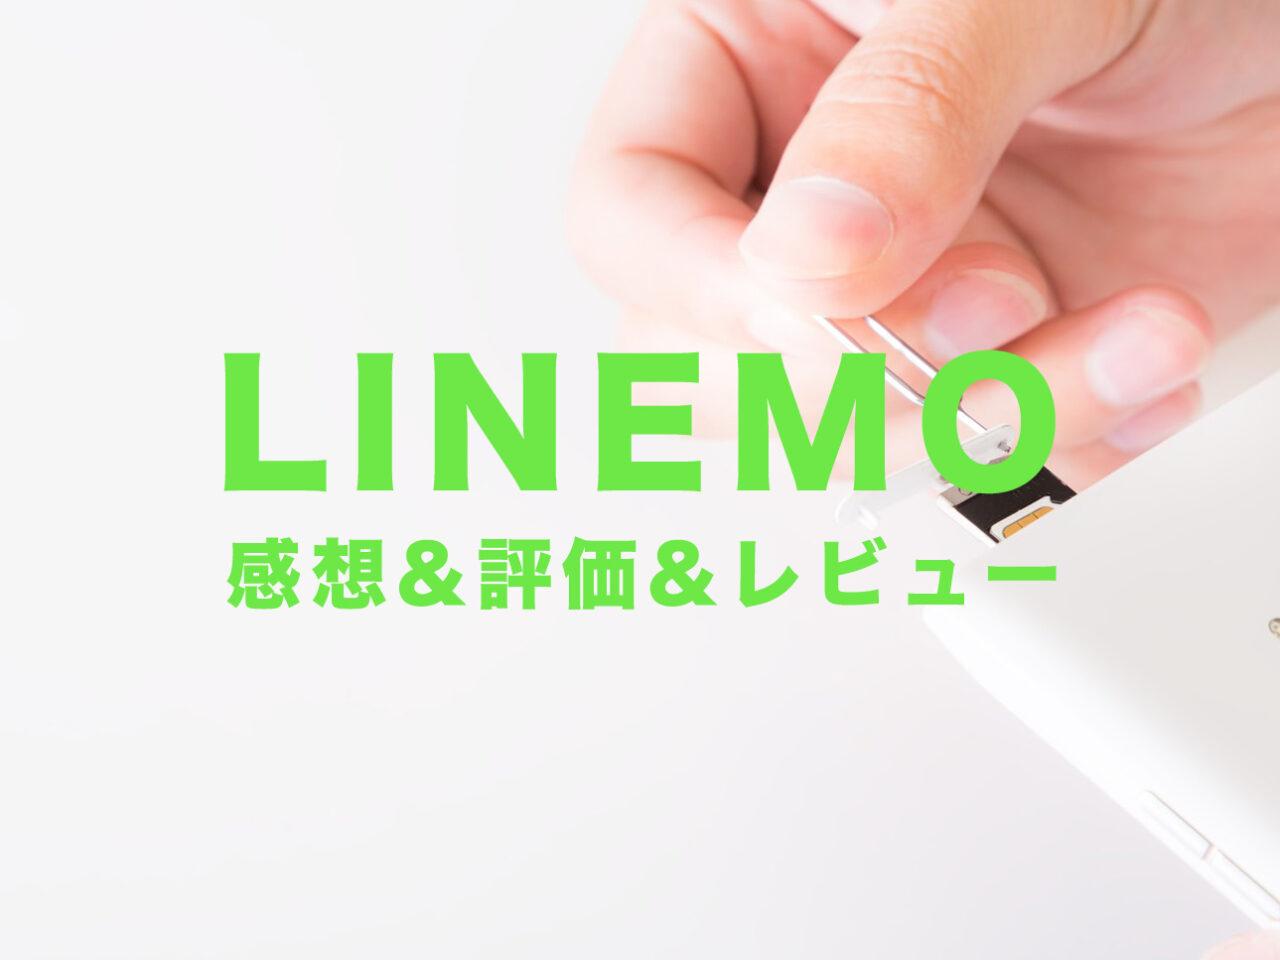 ラインモ(LINEMO)にしてみた感想&評価レビューは?速度はどう?のサムネイル画像